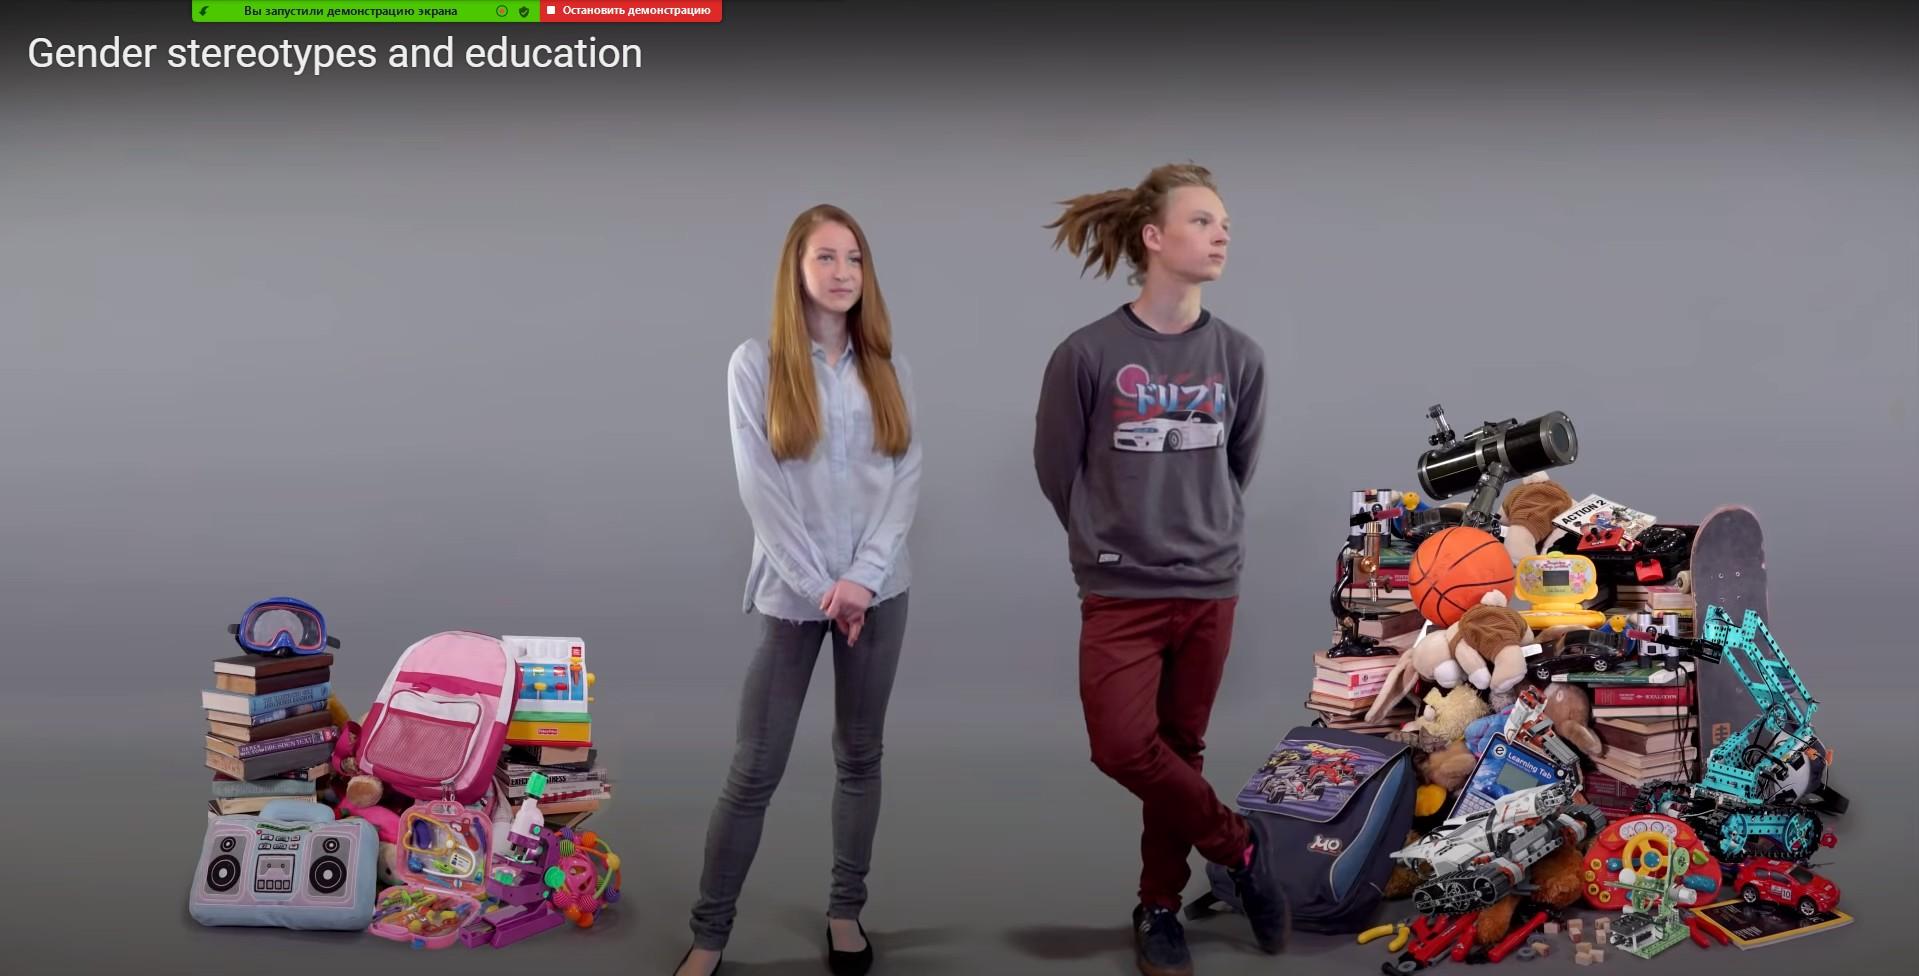 Cтуденти і викладачі  обговорили гендерні стереотипи, нав'язані рекламою та ЗМІ